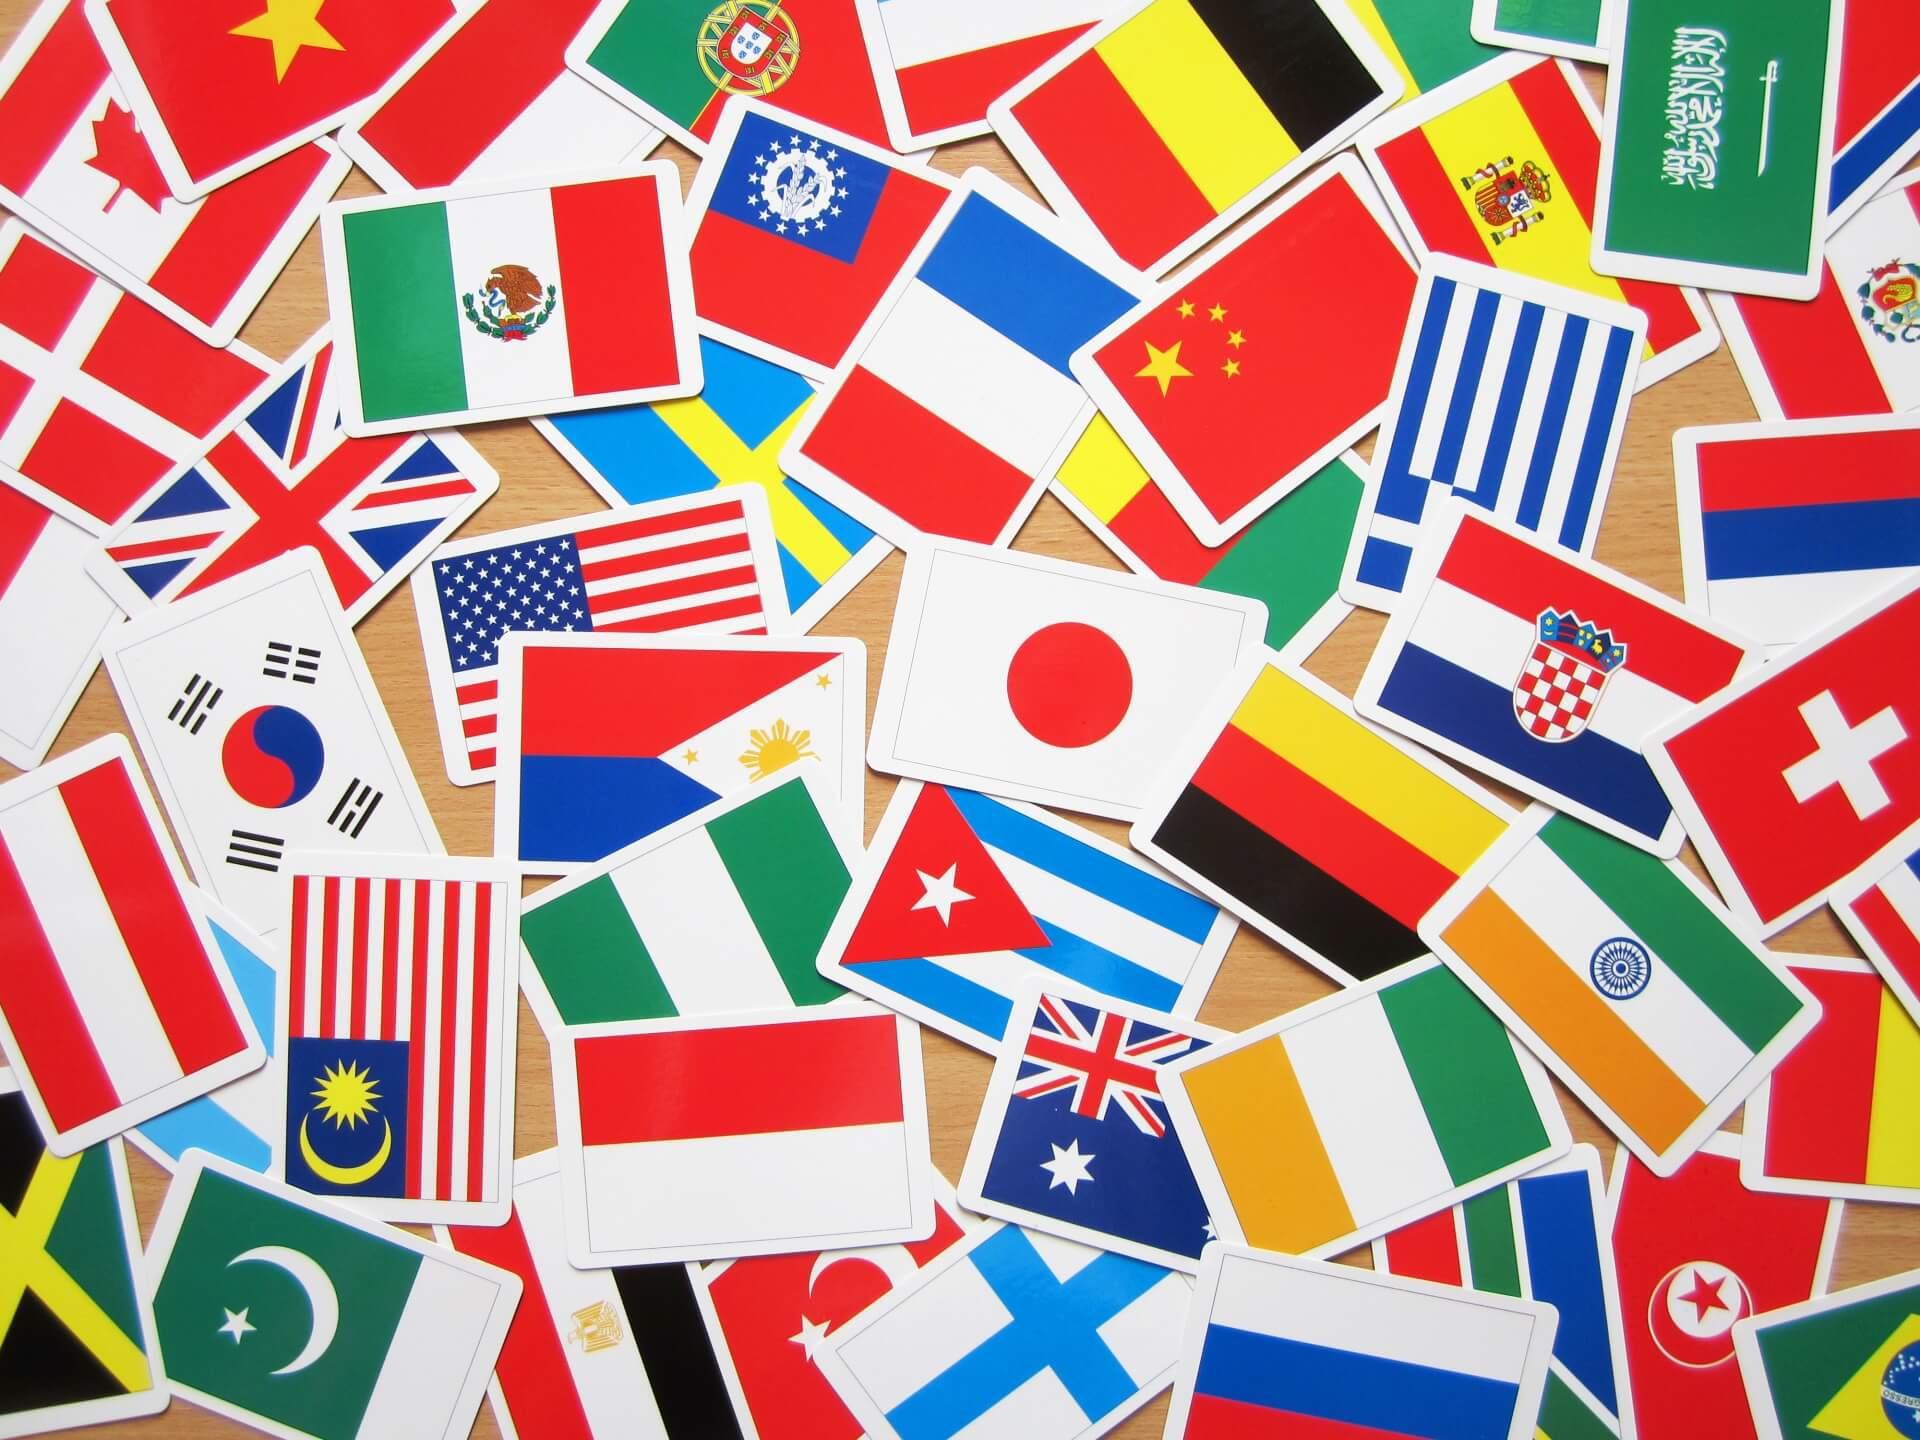 万国旗 (1)